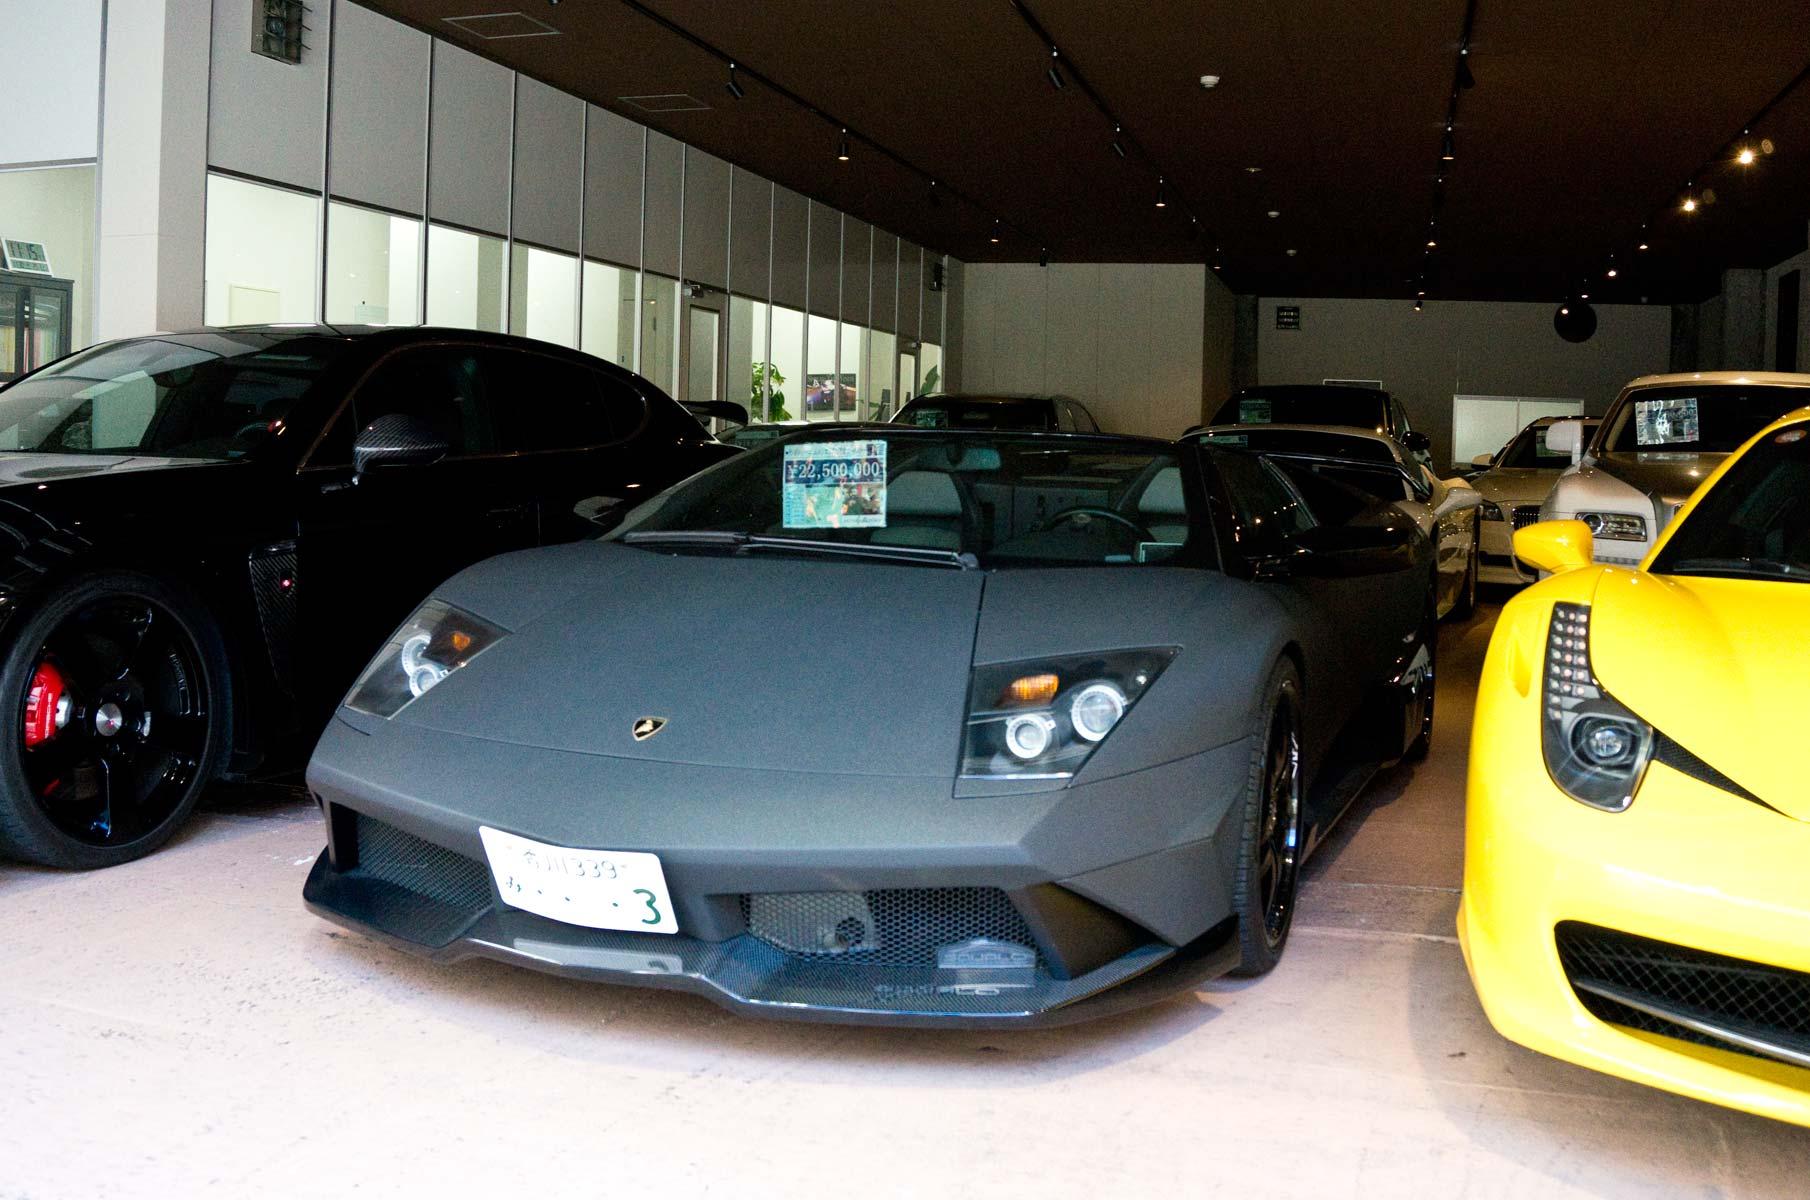 Lamborghini in Osaka, Japan